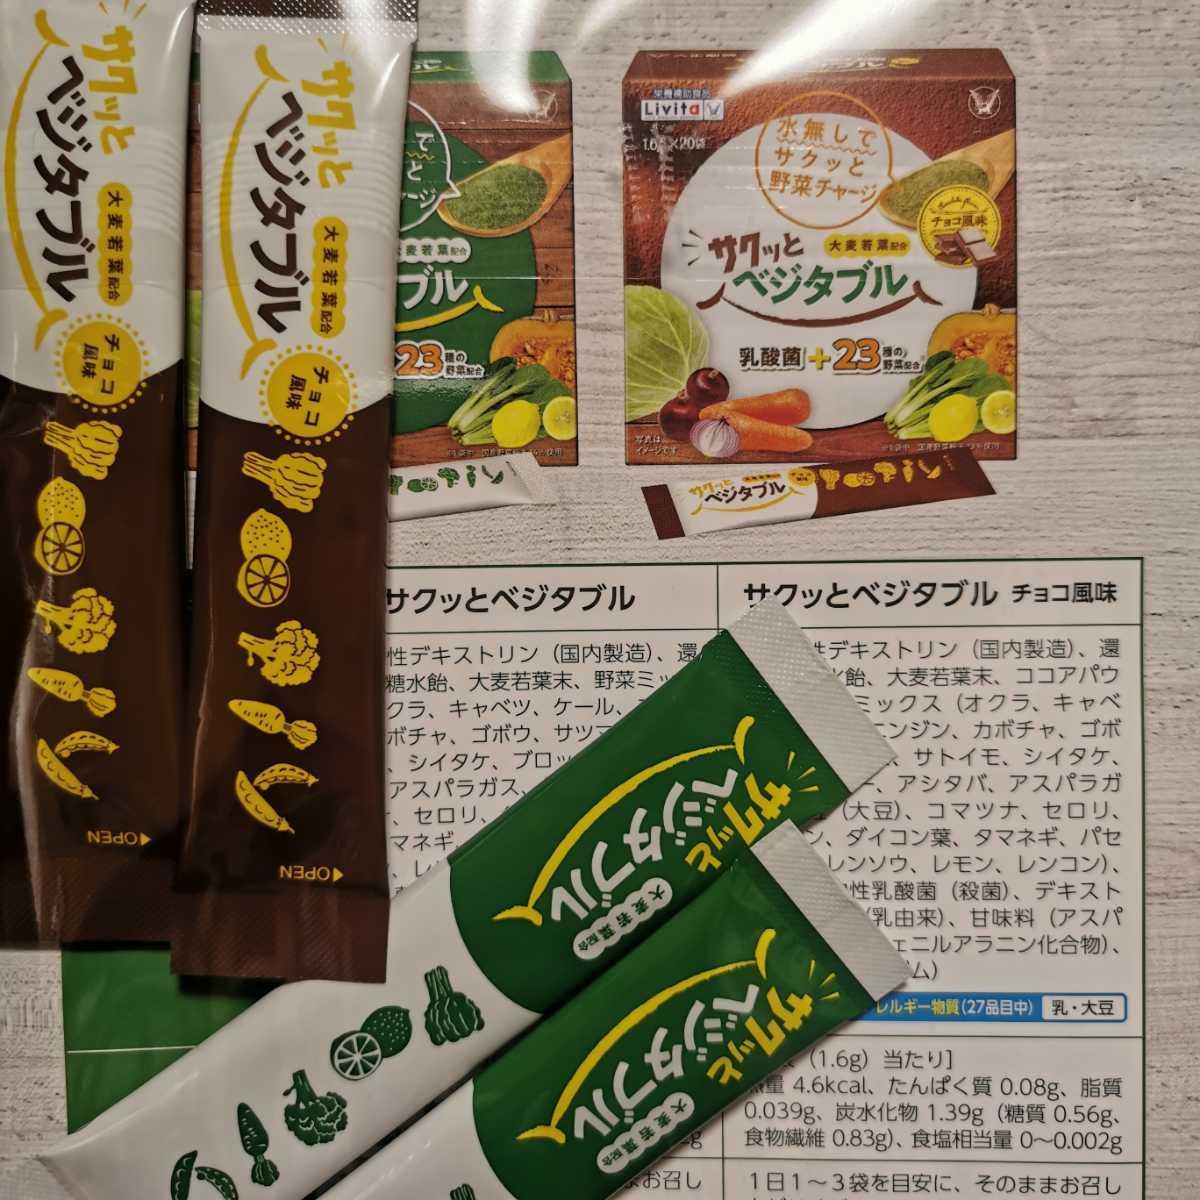 新品 未開封 大正製薬「栄養補助食品」サクッとベジタブル サンプル サクットベジタブル チョコ風味 2種×2個 計4個_画像1